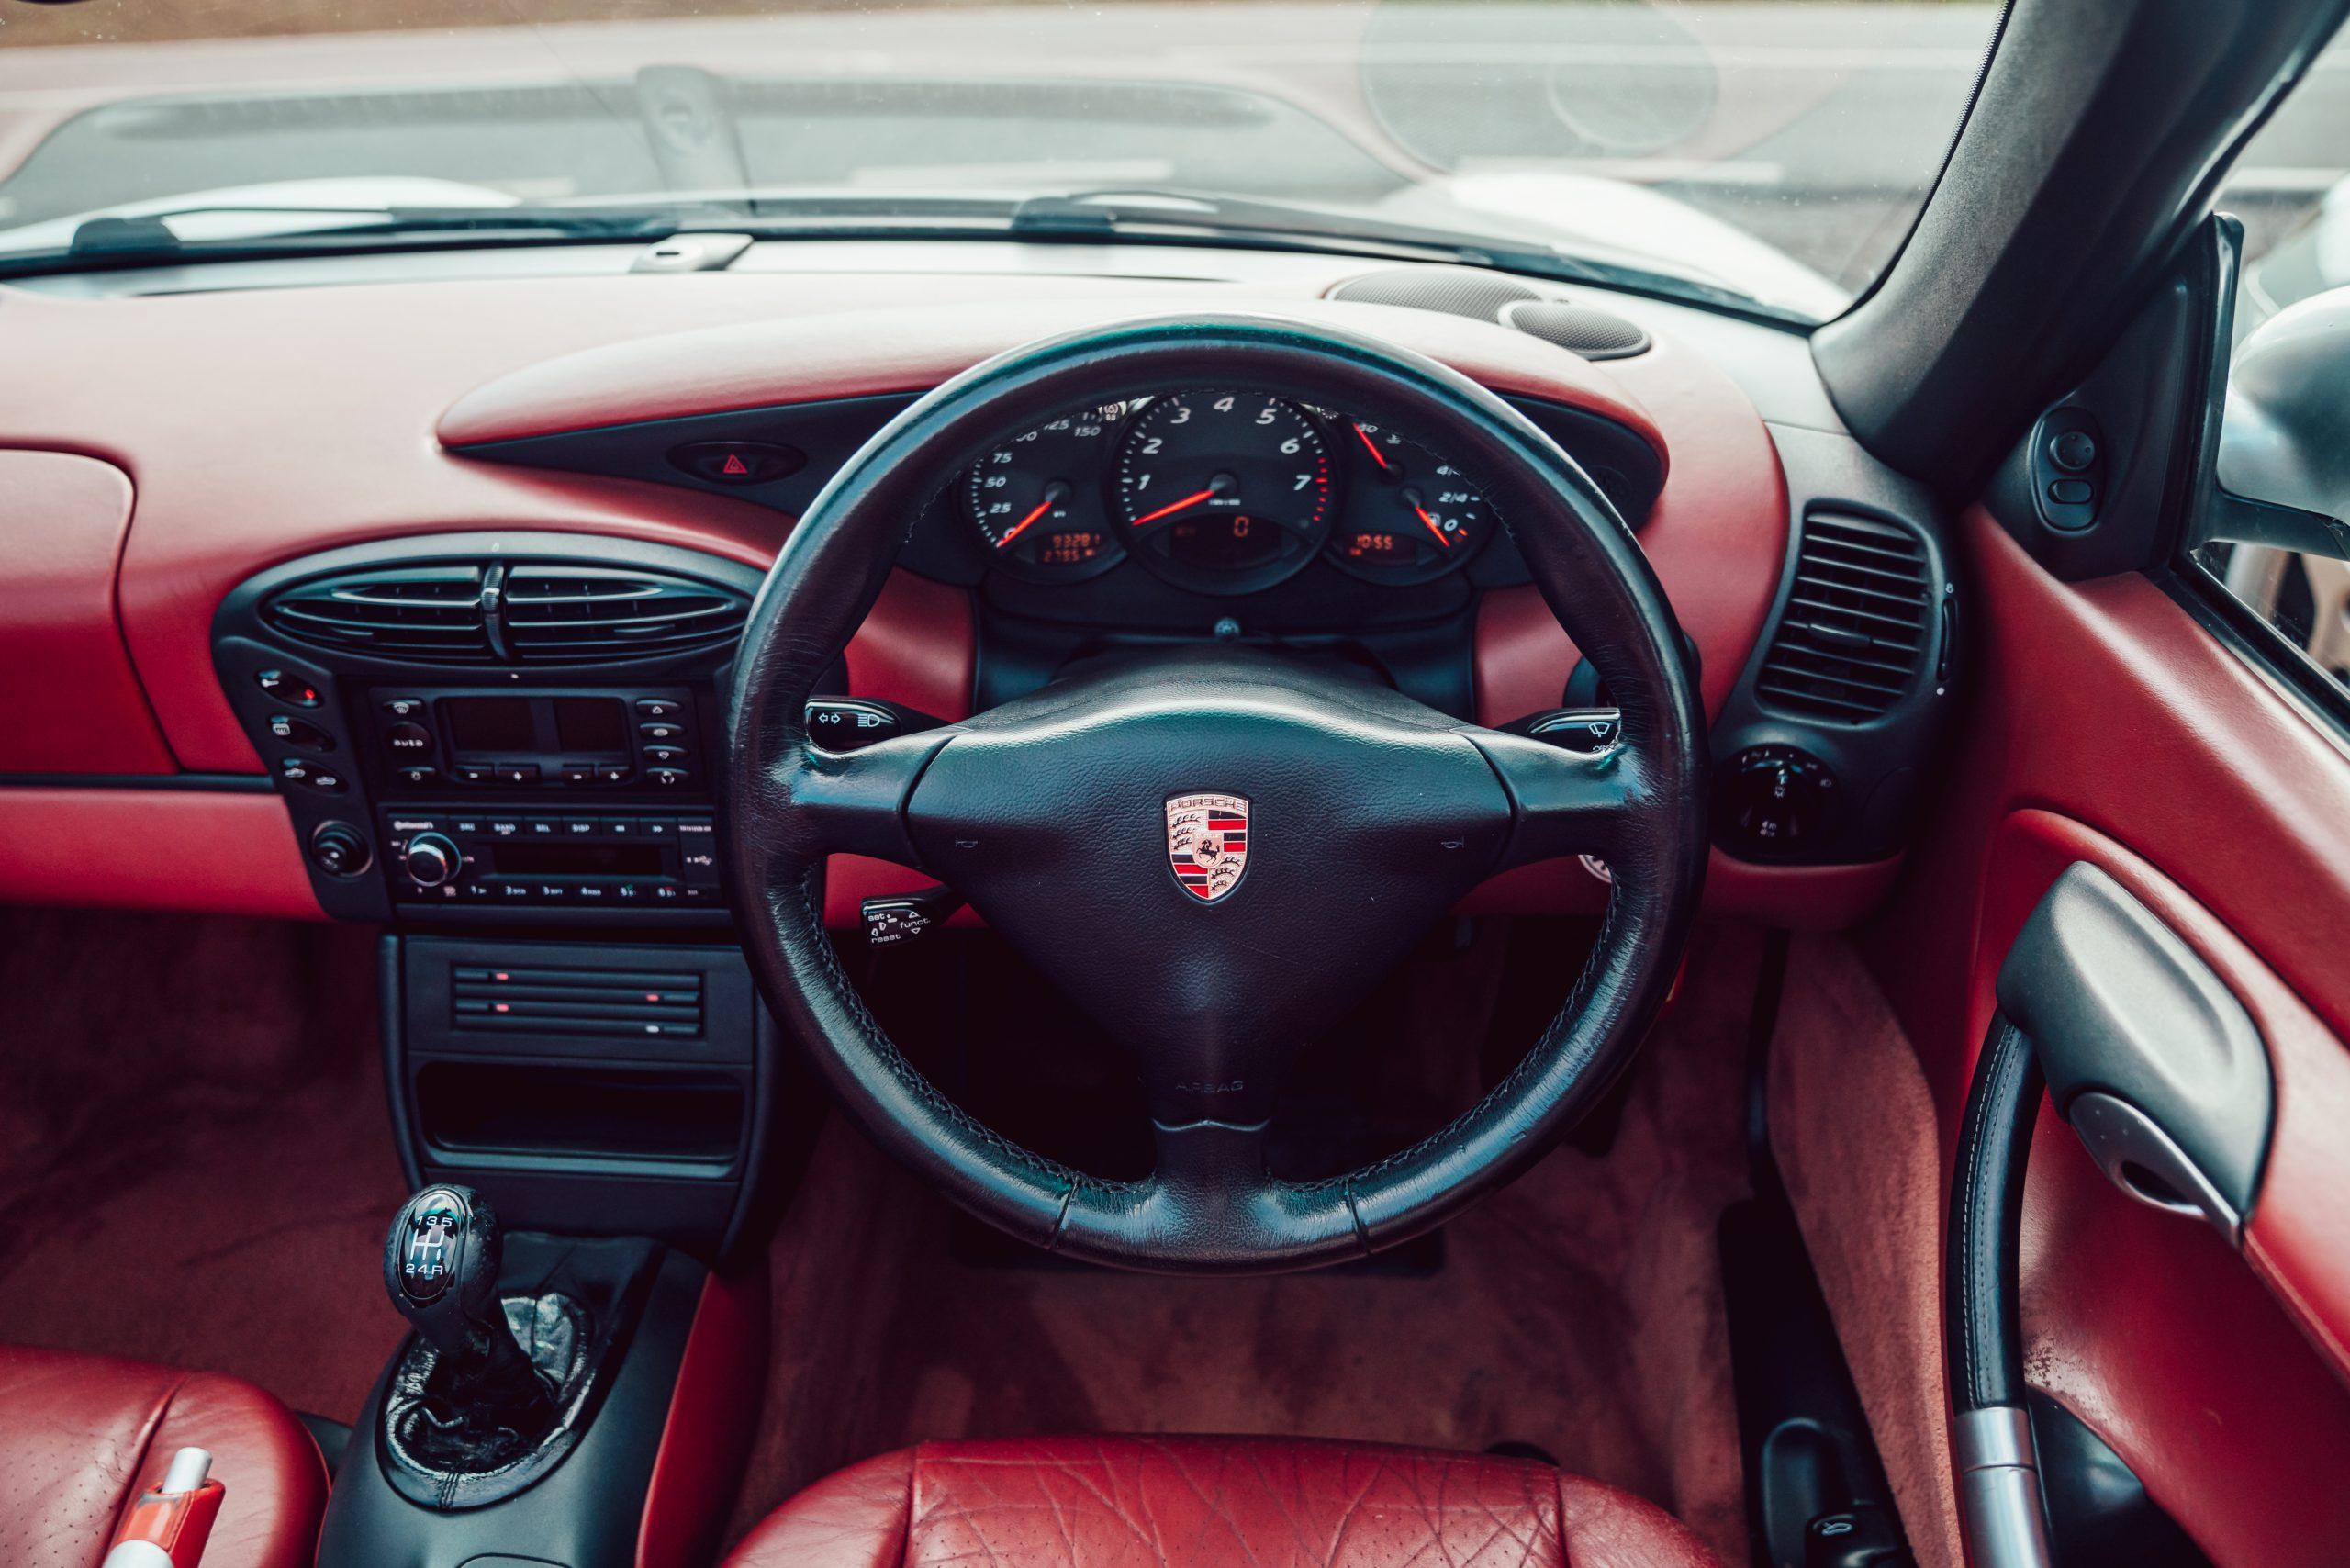 1998 Porsche Boxster 986 interior